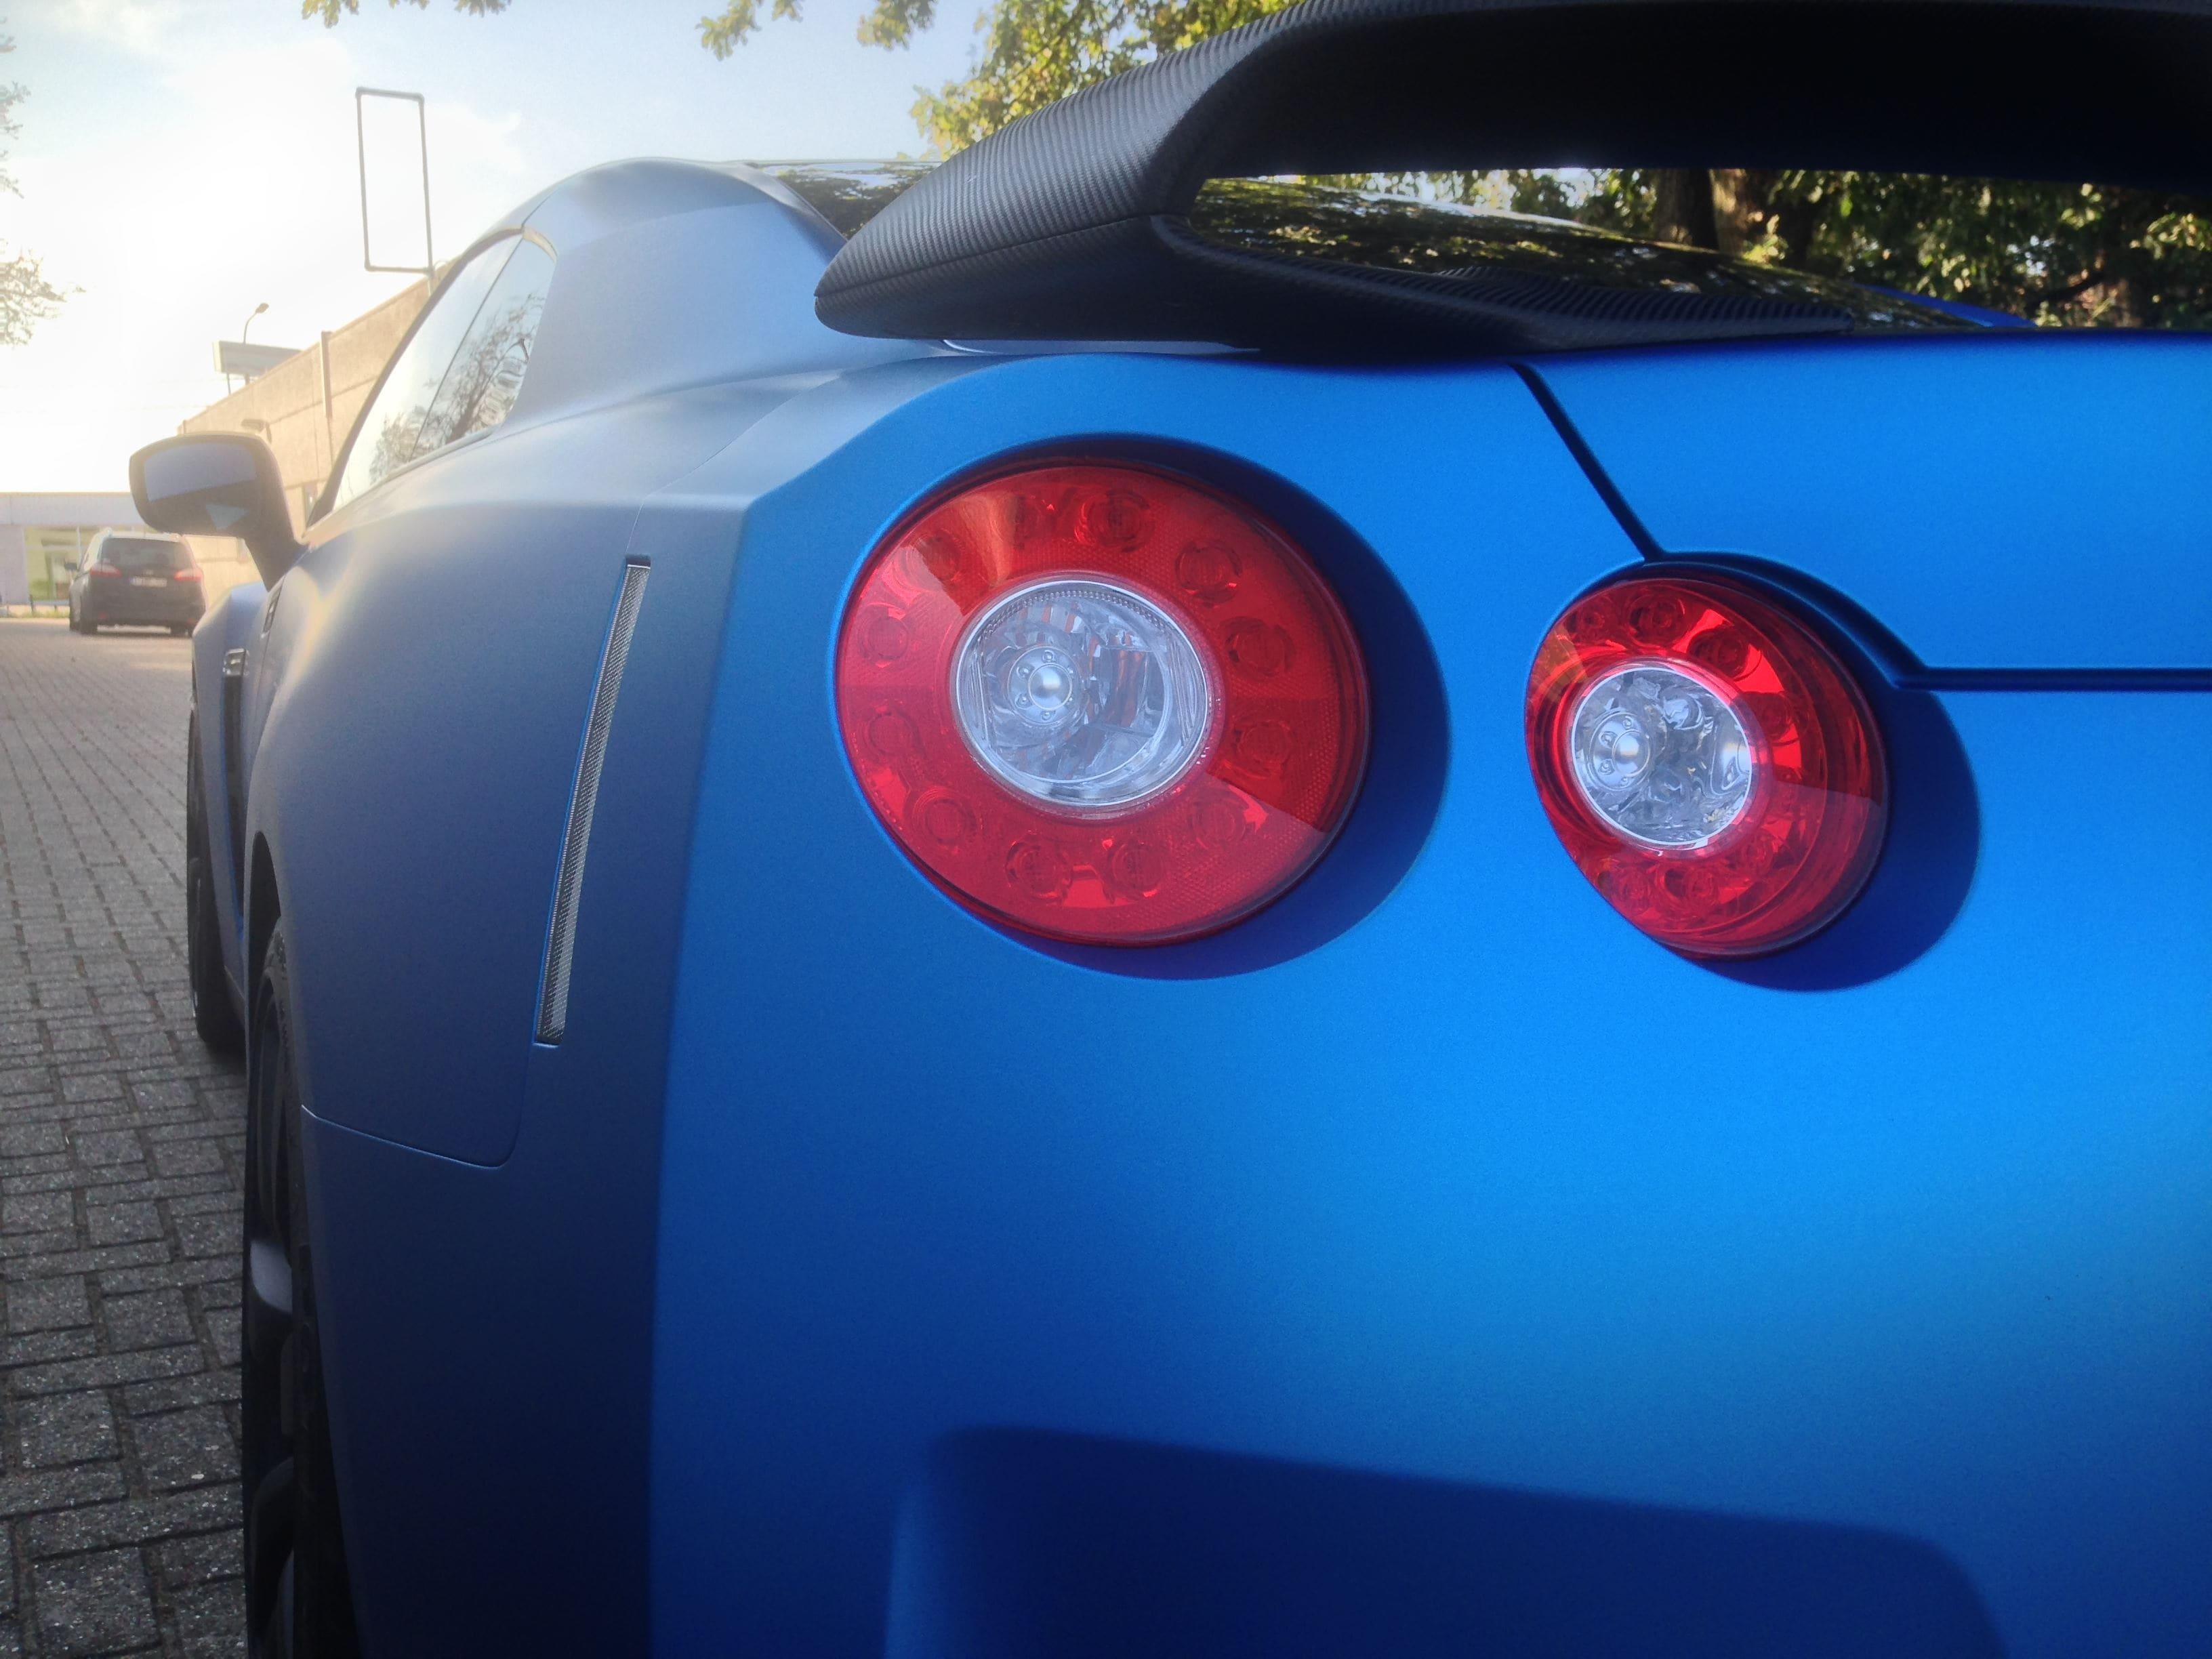 Nissan GT-R in Mat Blauwe Wrap, Carwrapping door Wrapmyride.nu Foto-nr:6540, ©2021